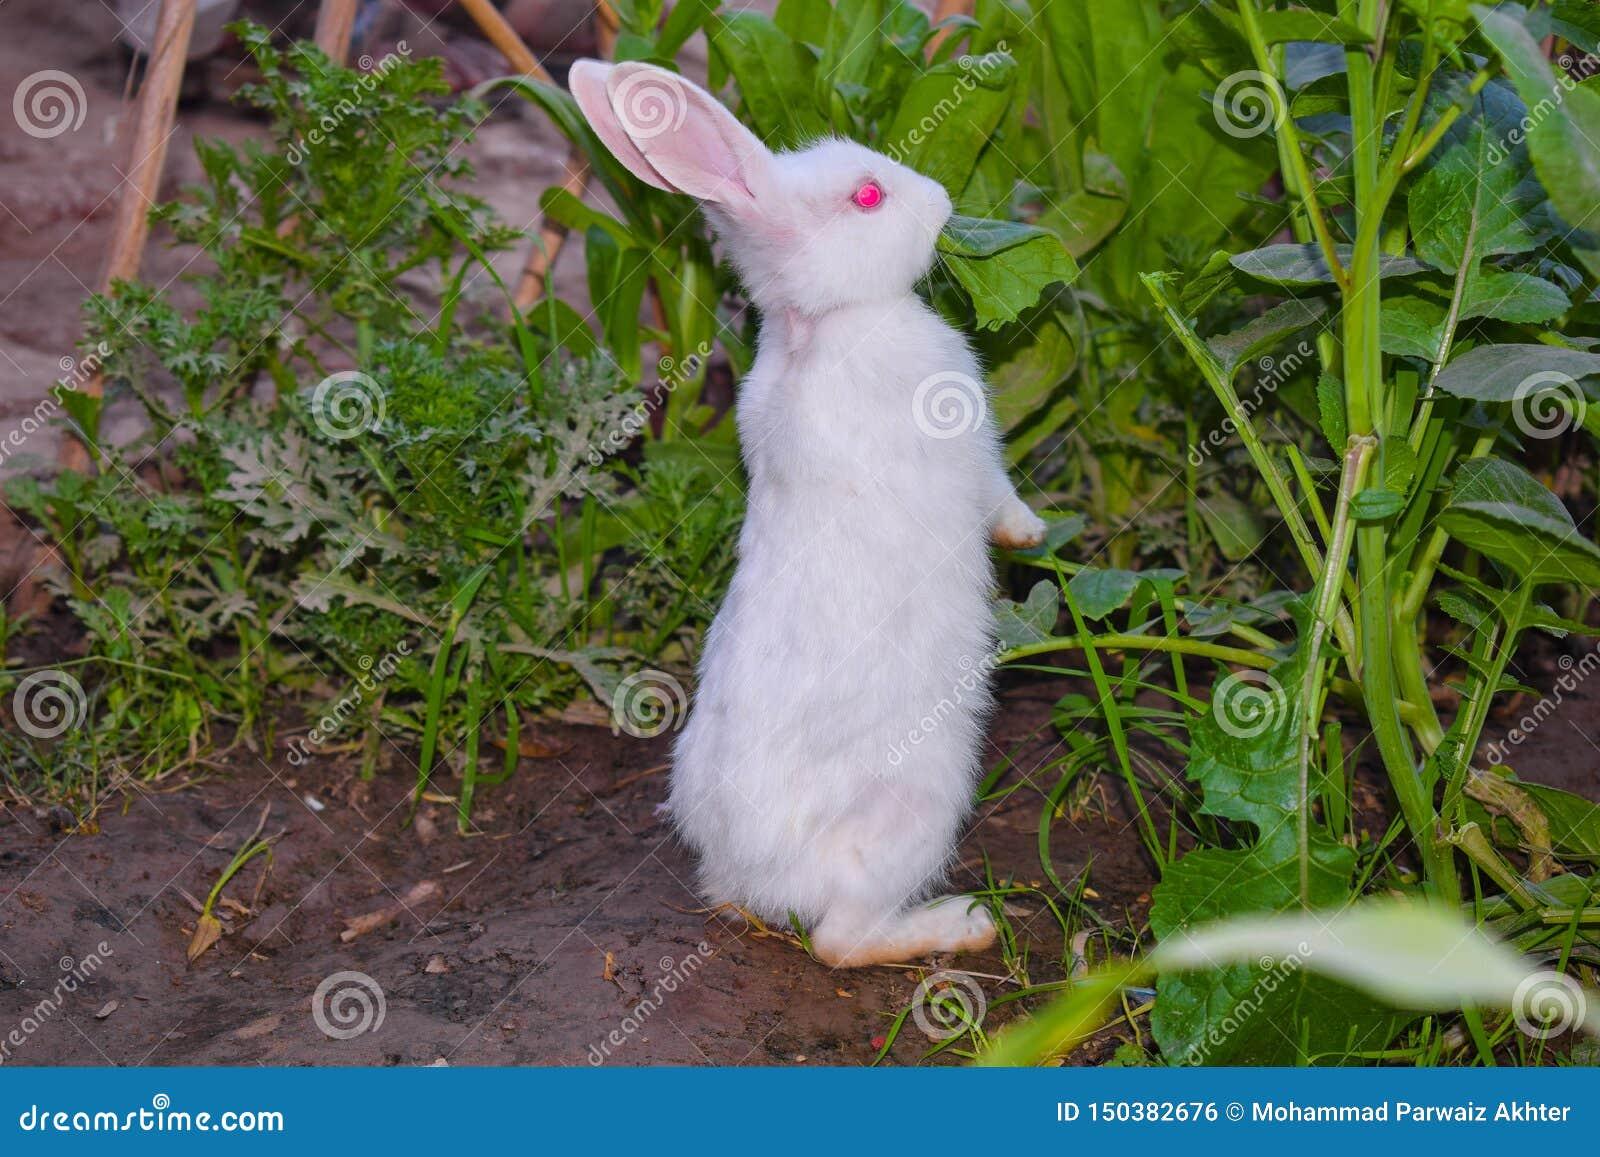 Ciérrese para arriba de conejo blanco hermoso en un jardín